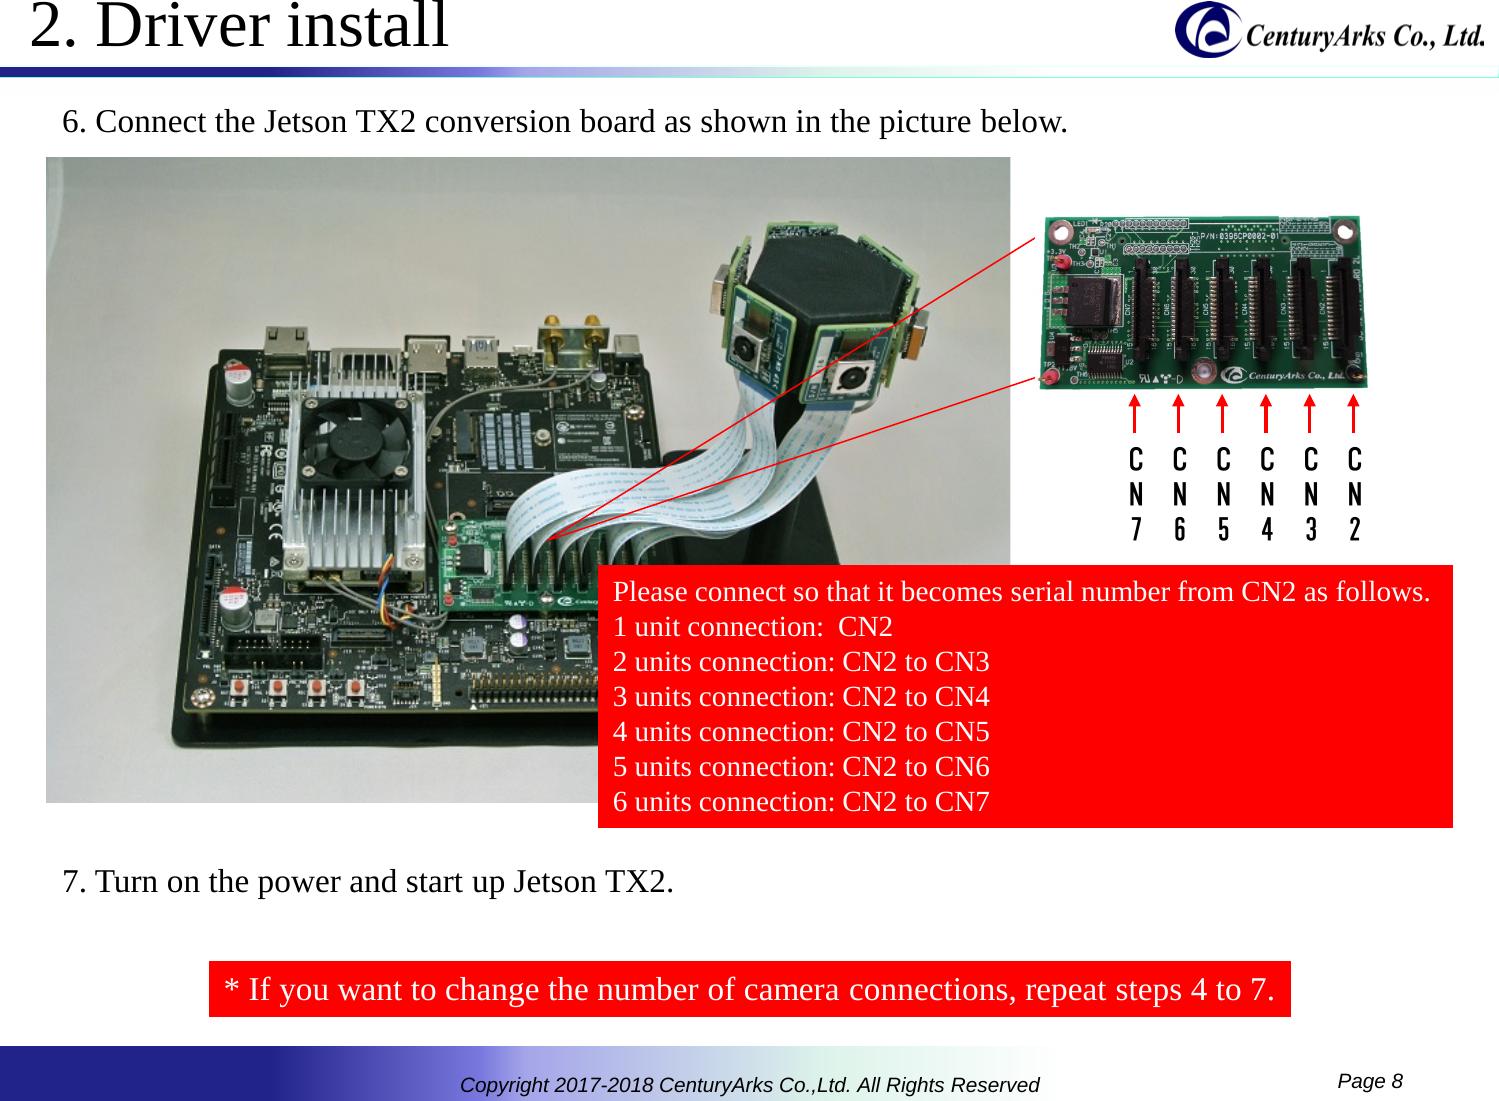 プレゼンテーション CA378 AOIS Software Setup Guide Jetson TX2 Ver1 0 3